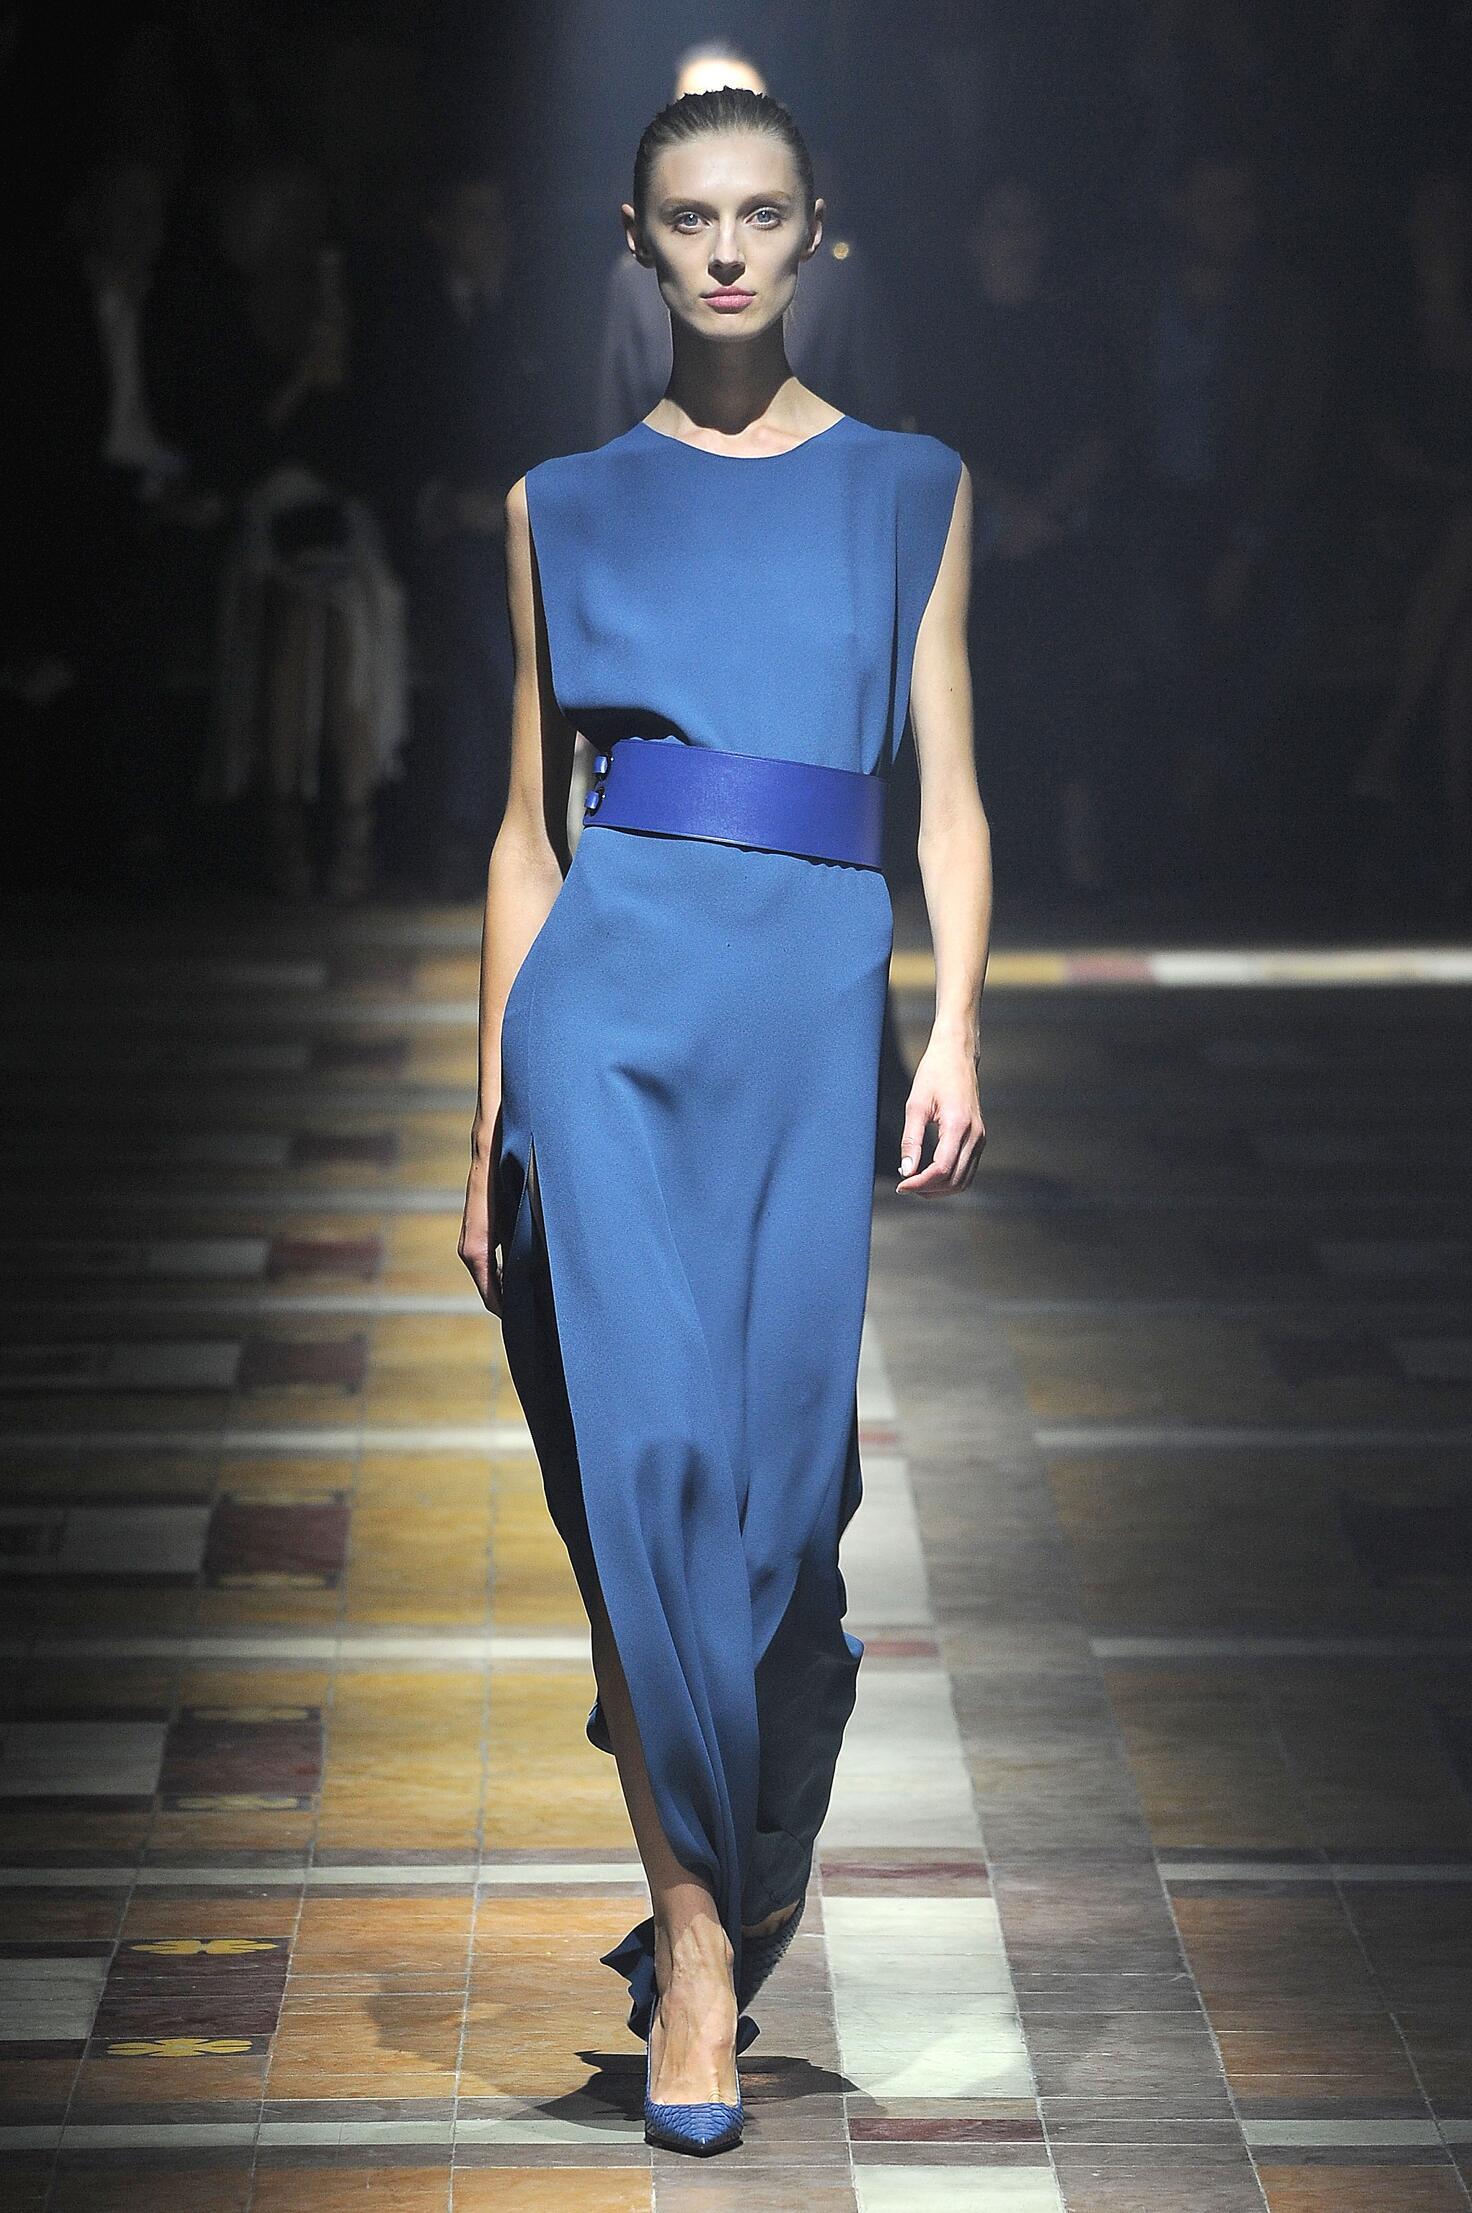 Spring 2015 Woman Fashion Show Lanvin